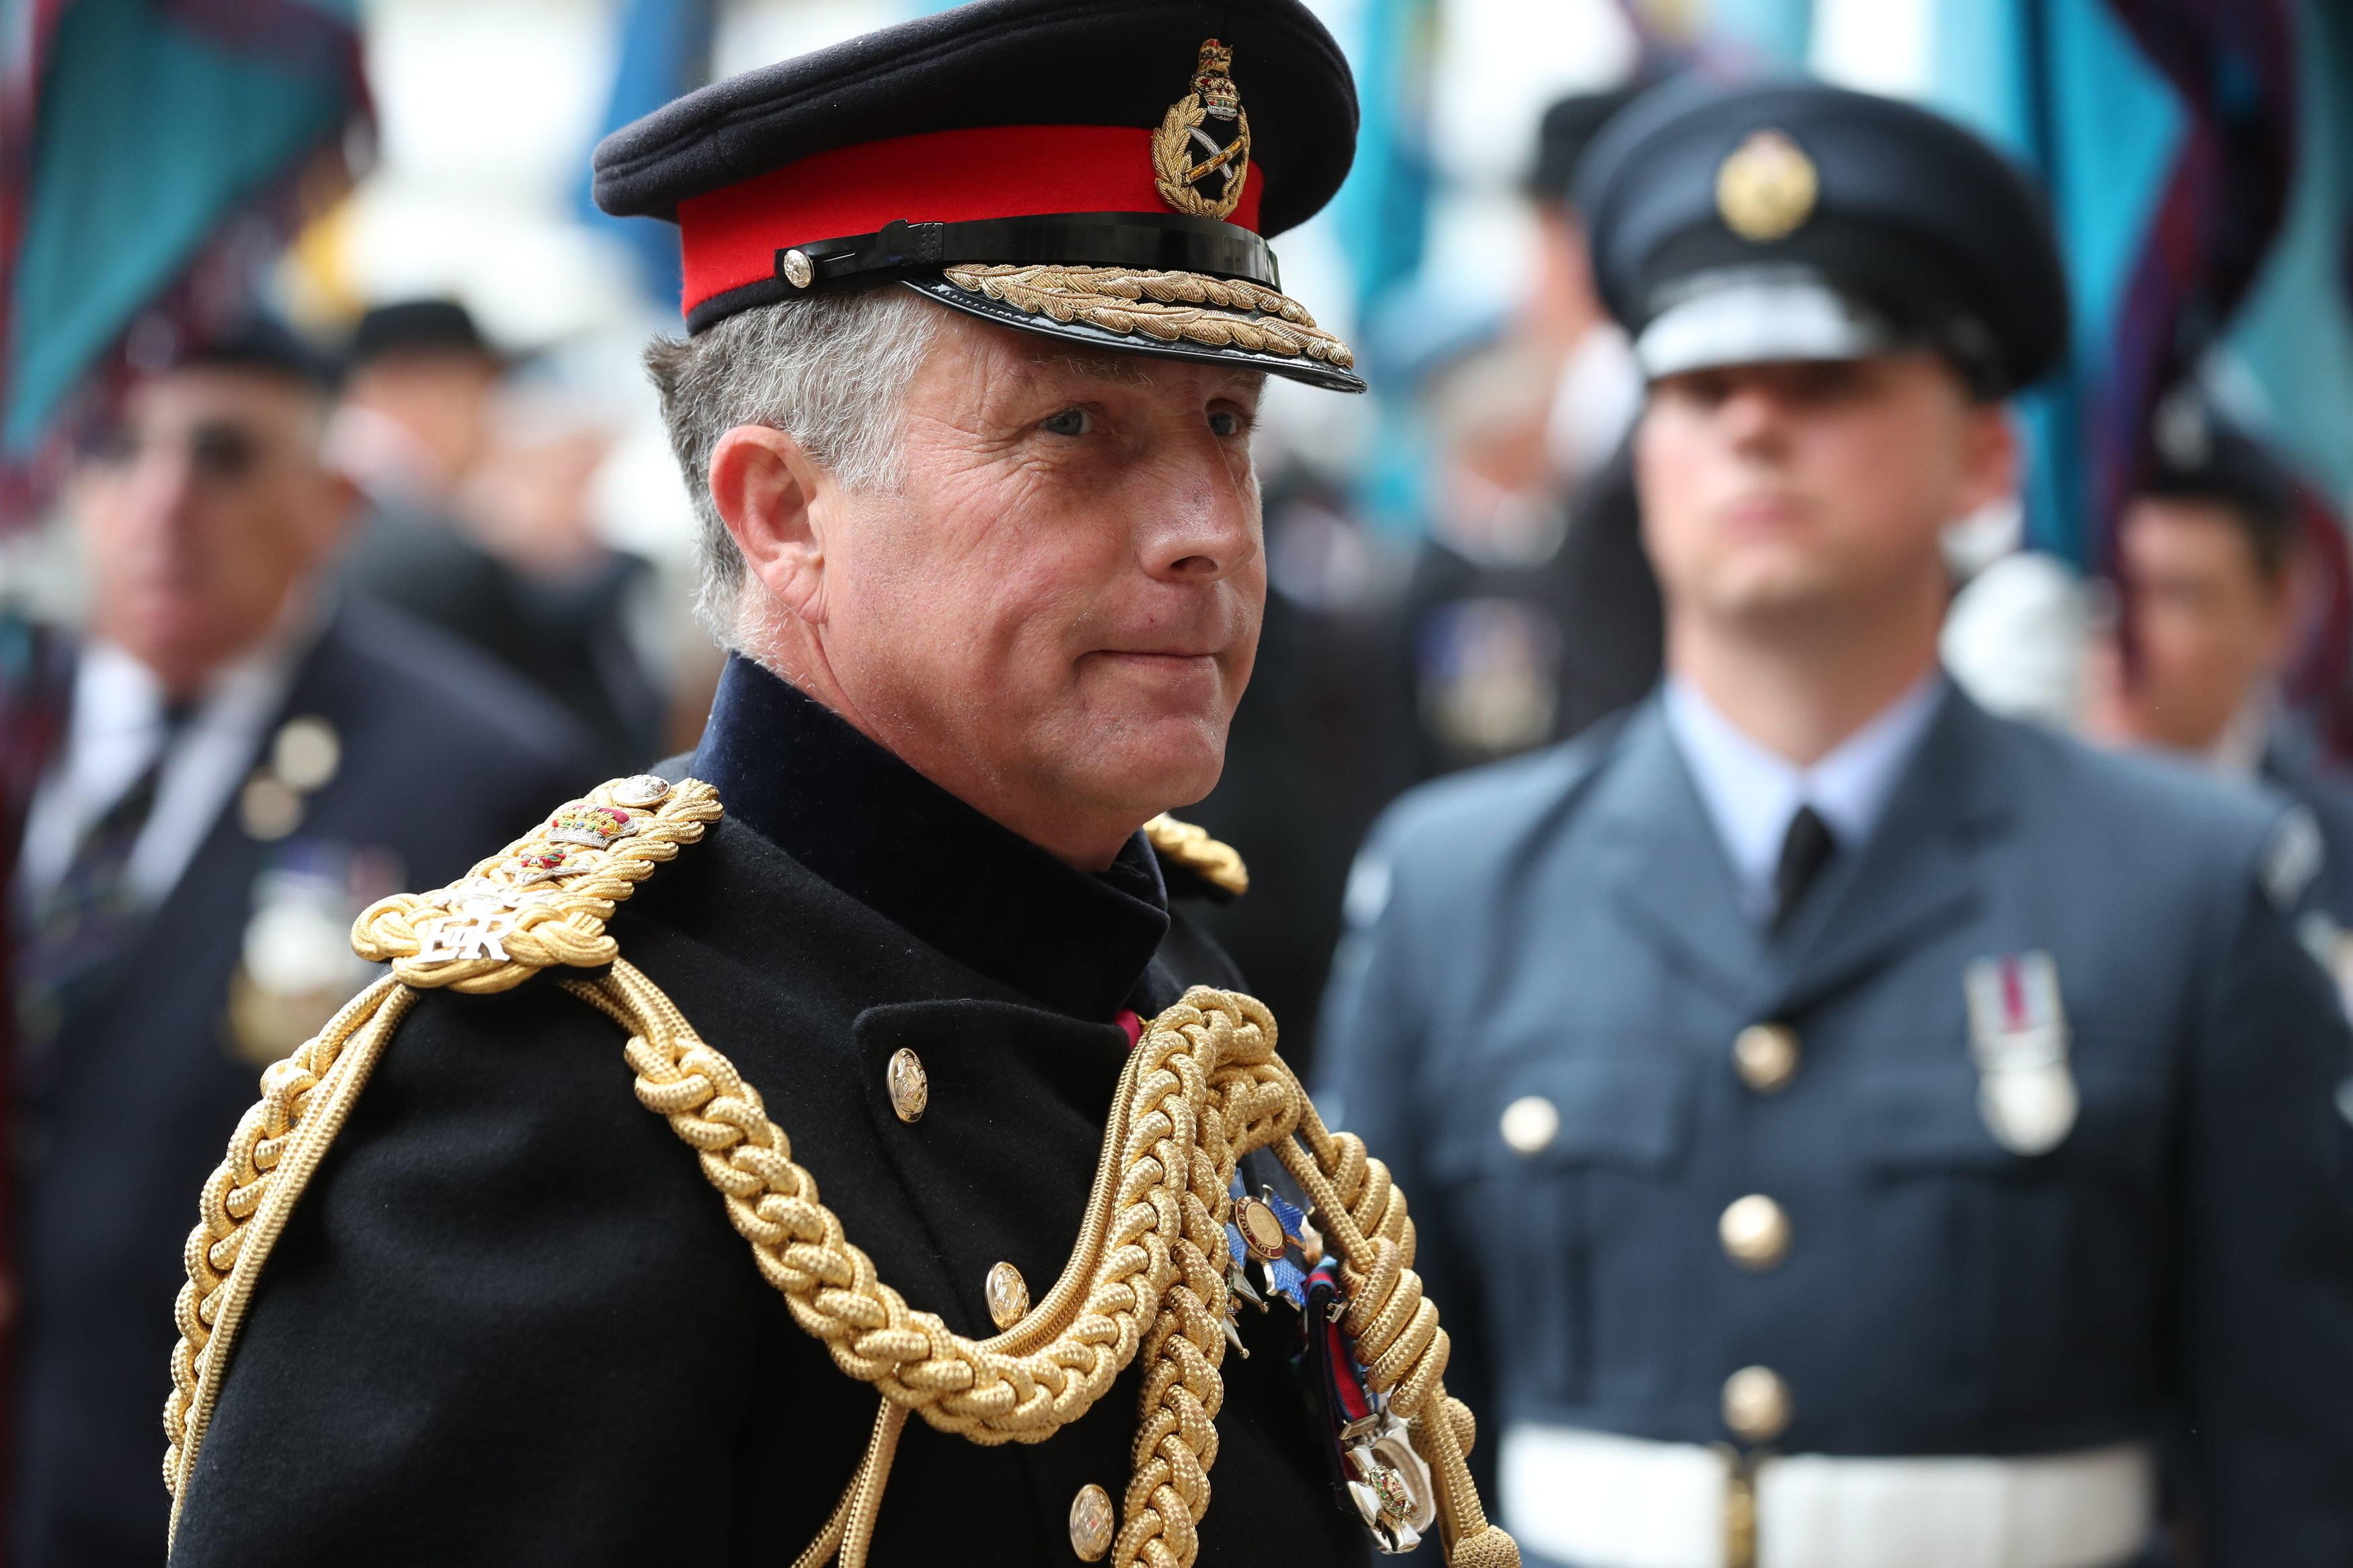 Αρχιστράτηγος του βρετανικού στρατού: Ζούμε μια περίοδο ανάλογη με αυτή πριν τον Α' Παγκόσμιο